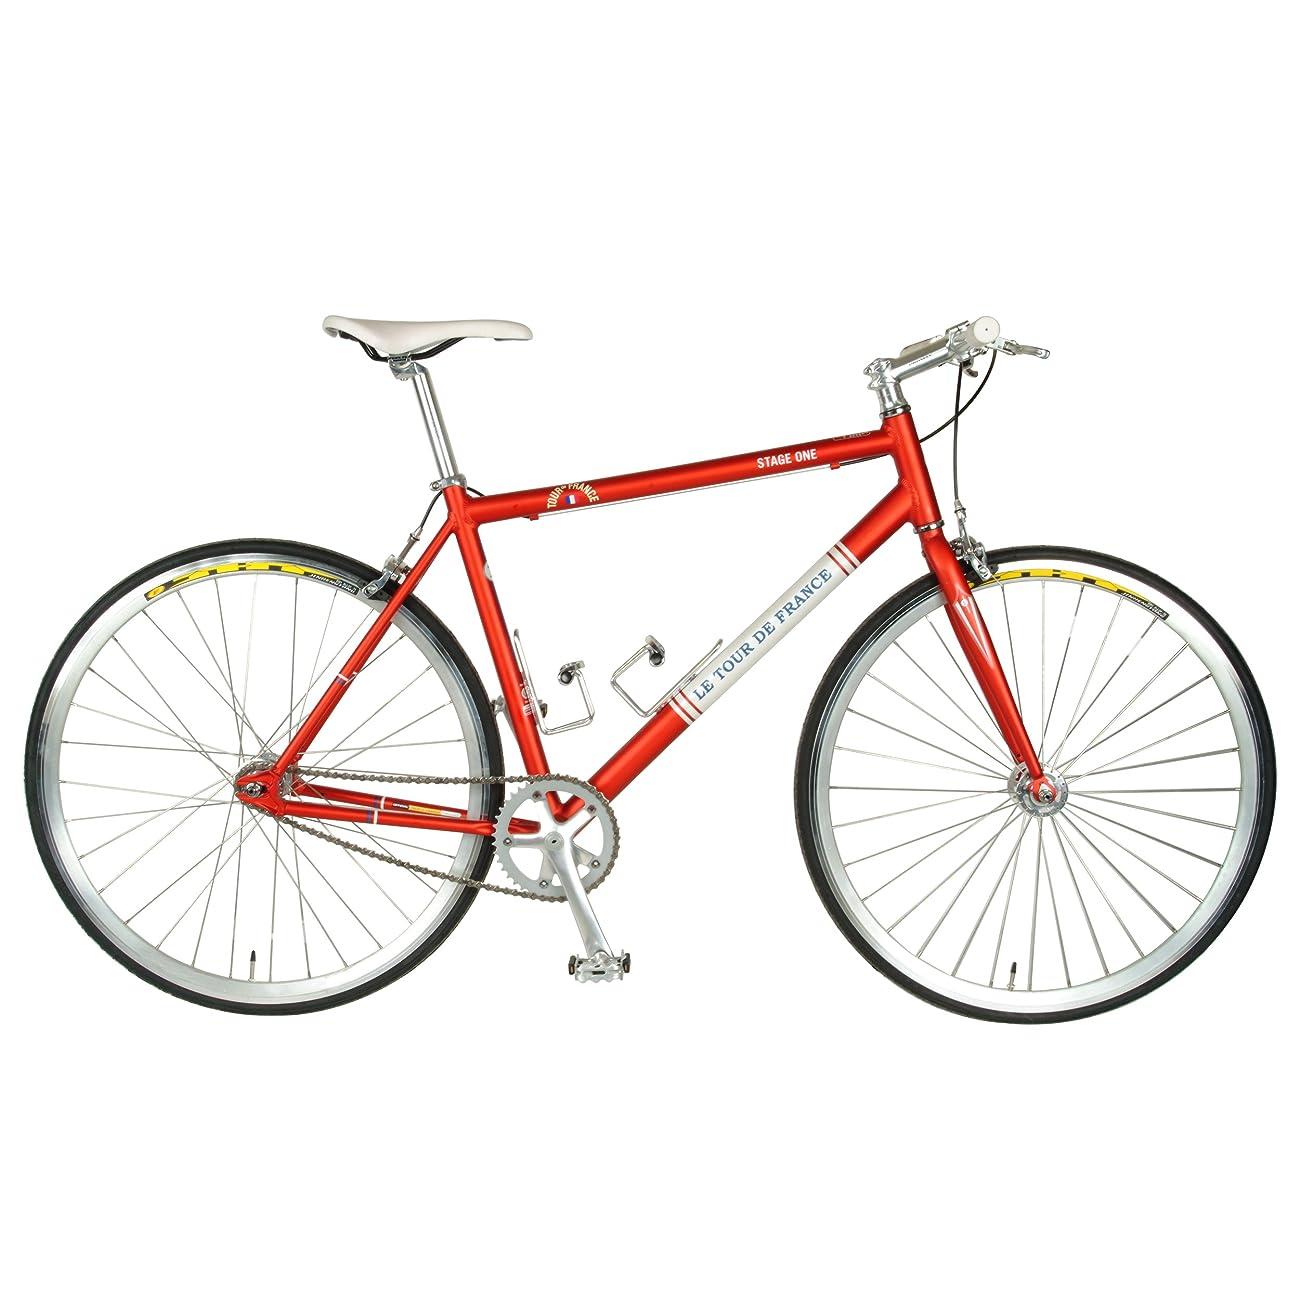 Tour de FranceStage One Vintage Fixie Bike, 700c Wheels,Men's Bike, Red, 45 cm Frame, 51 cm Frame, 56 cm Frame 0